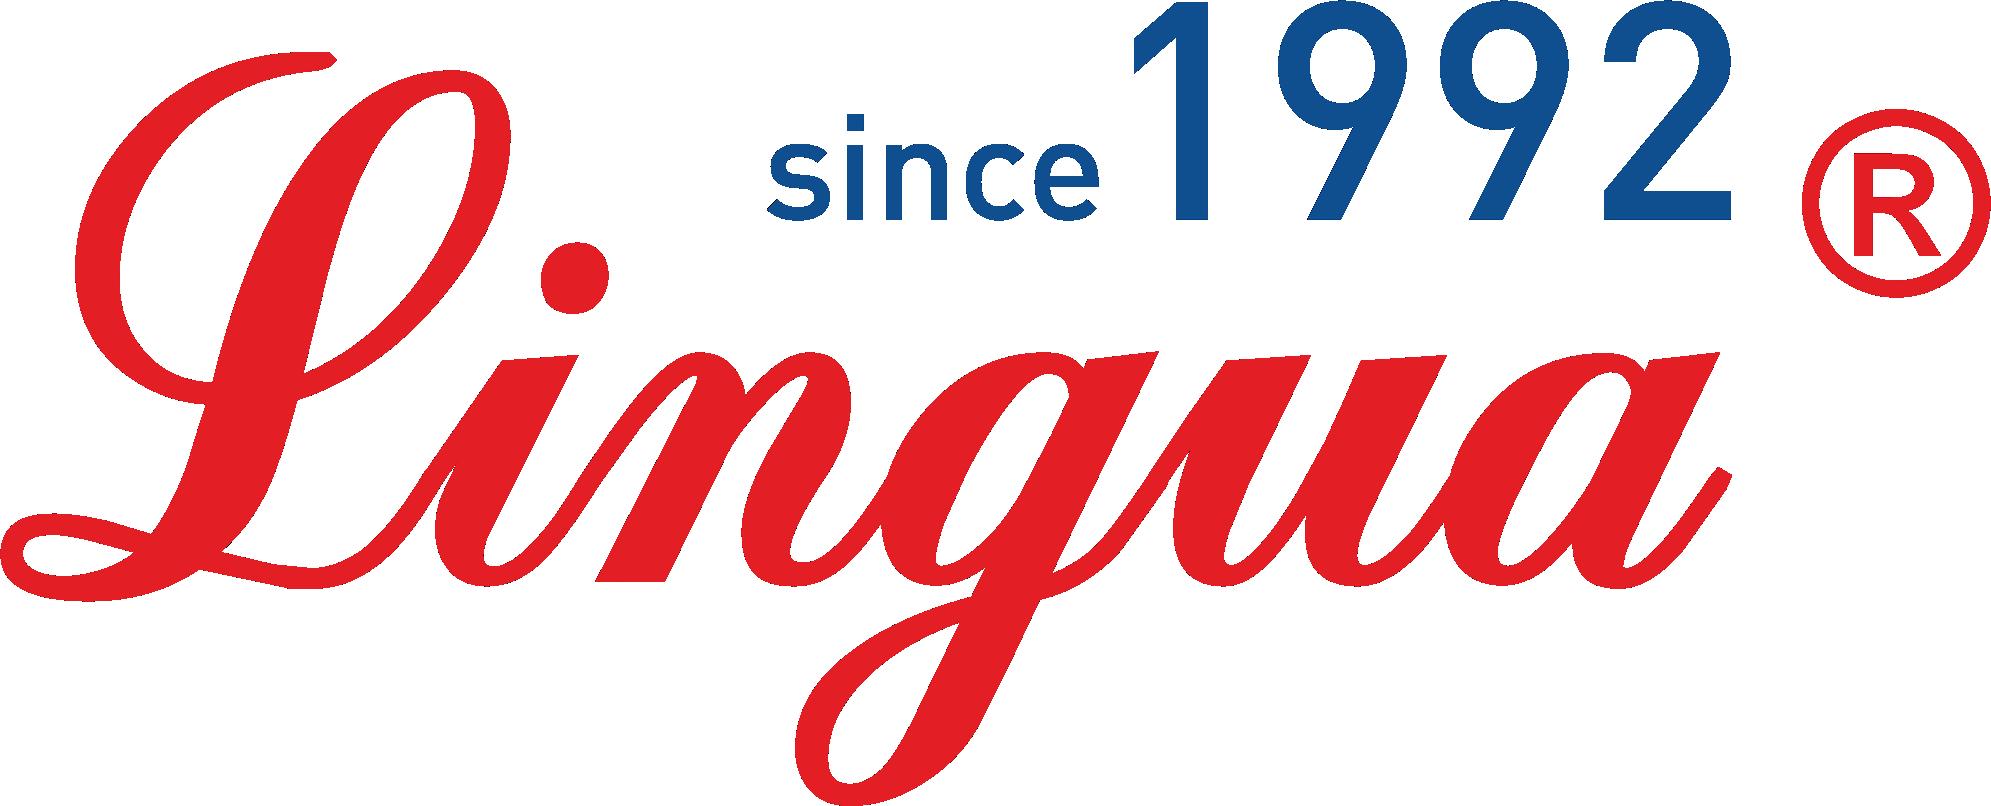 Международный образовательный центр — лидер на рынке изучения иностранных языков